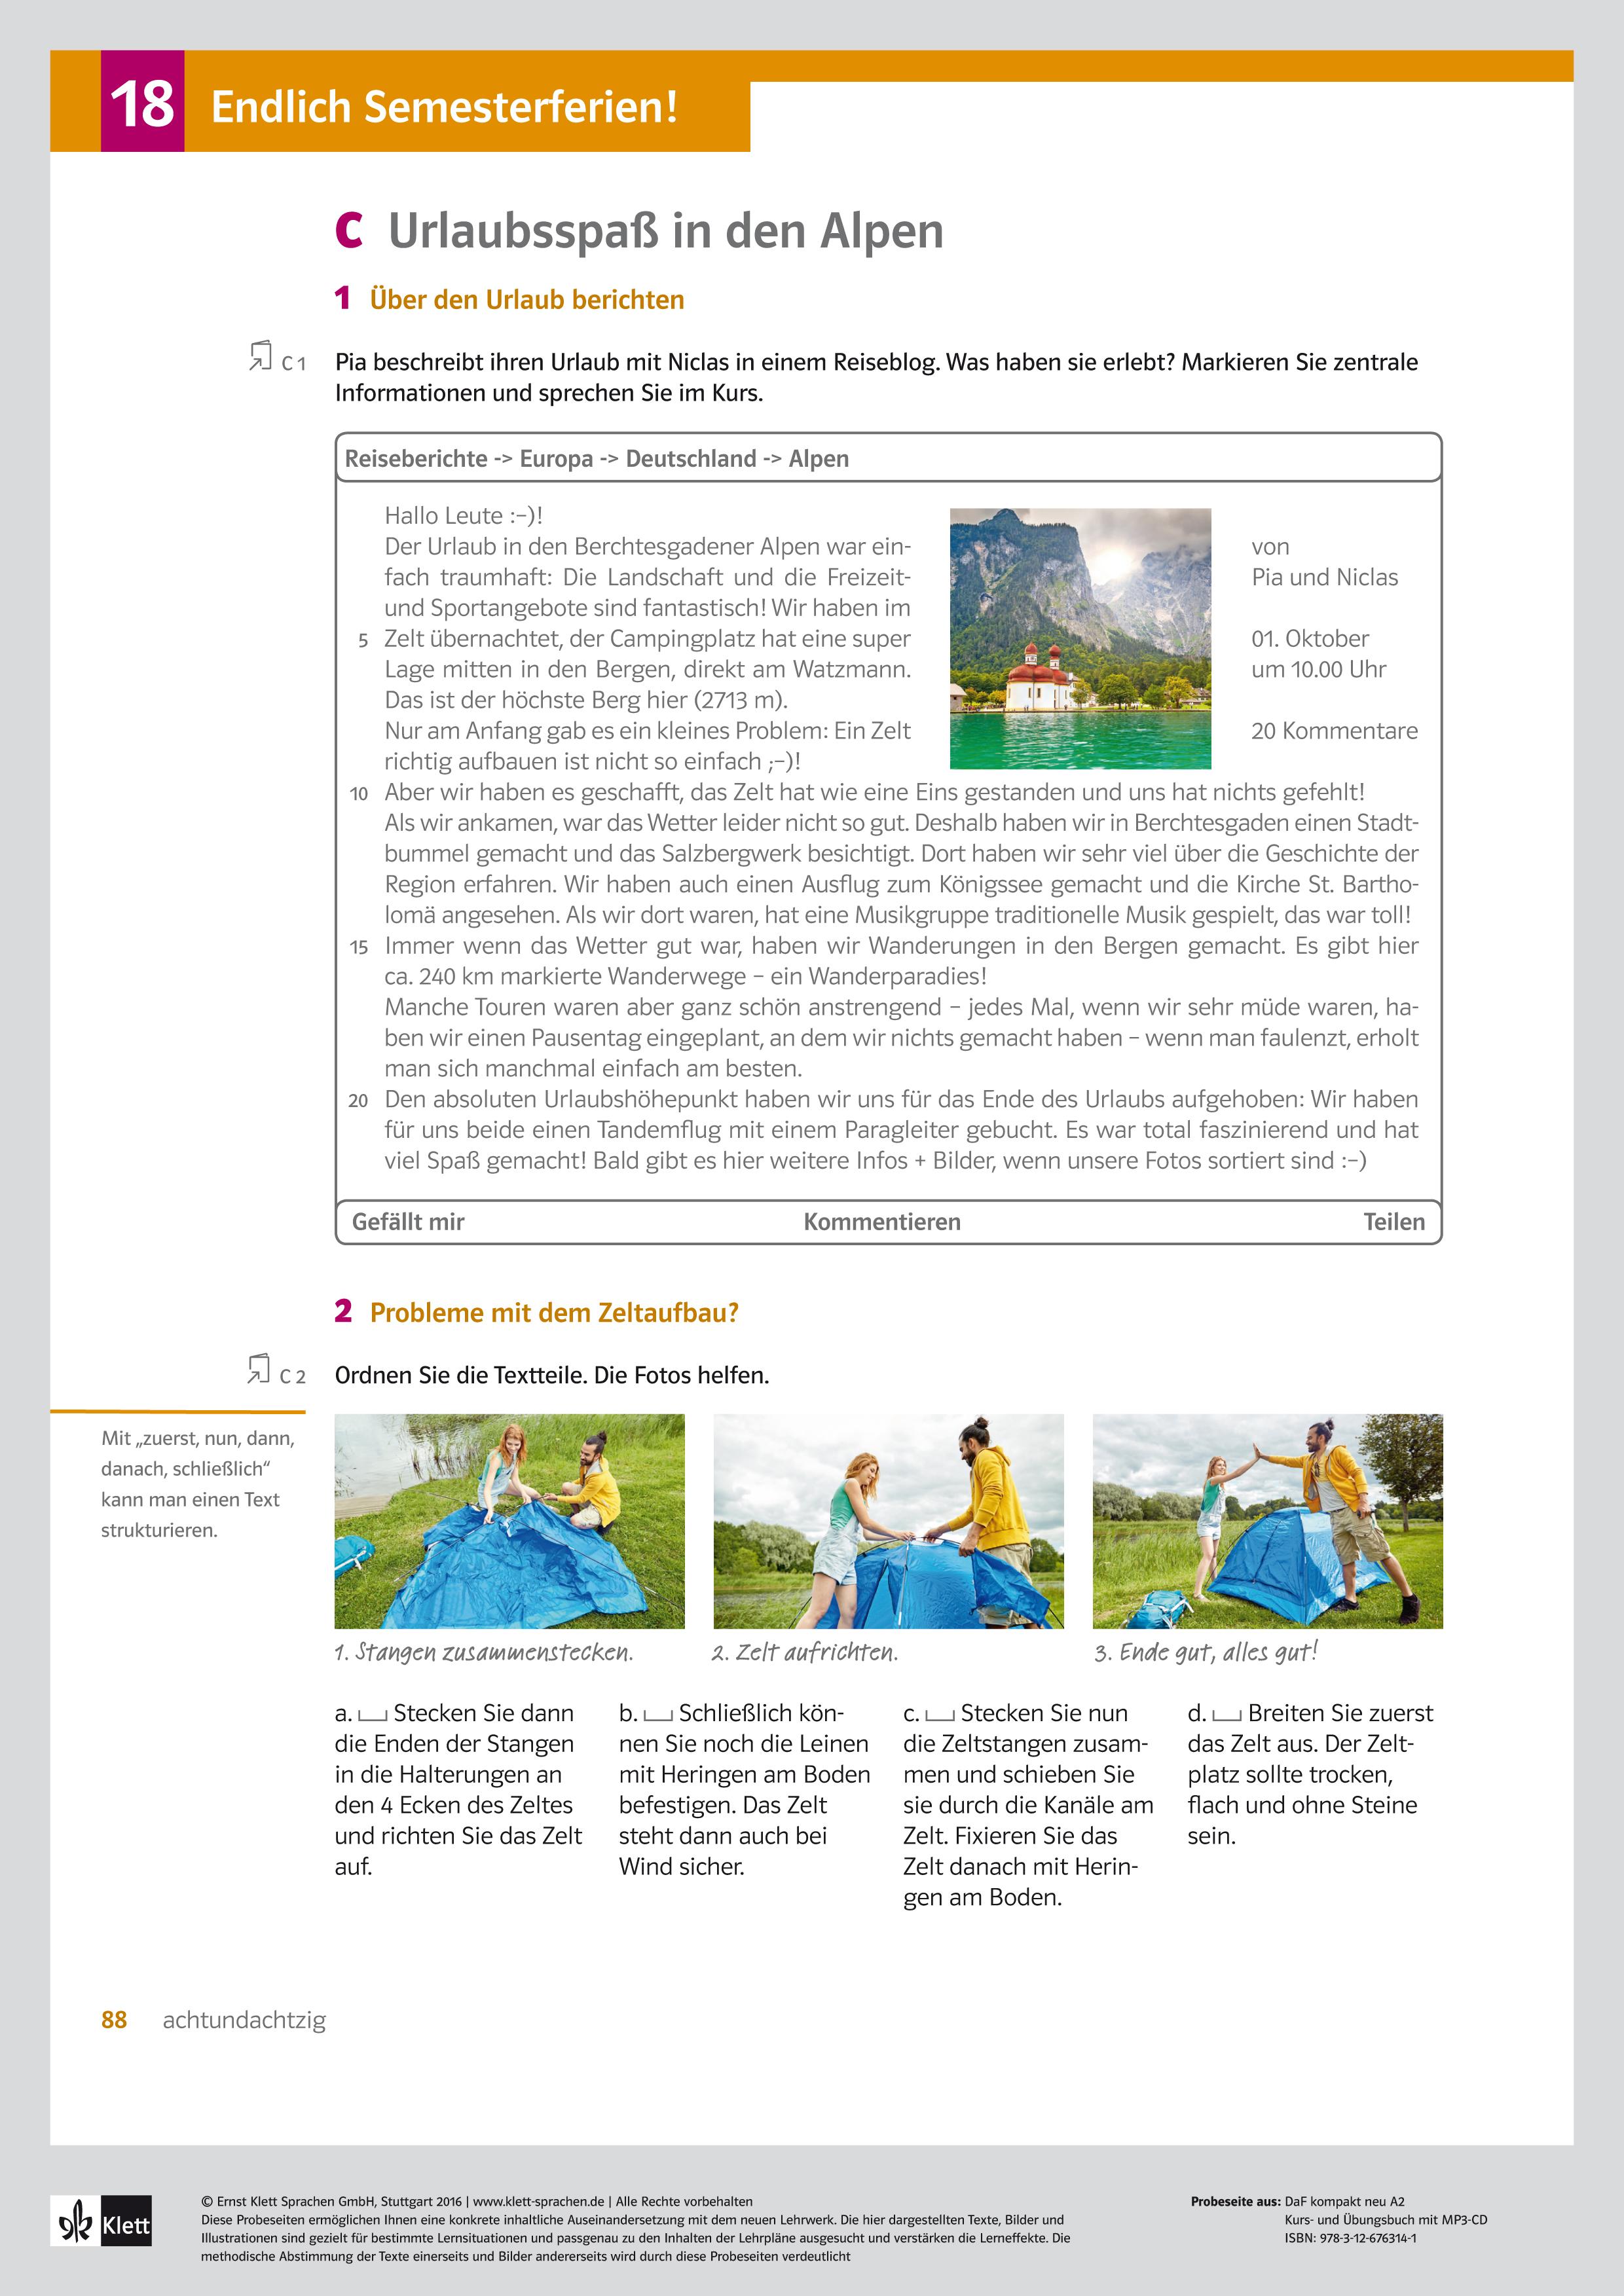 derdieDaF-Arbeitsblätter | derdieDaF-online | Deutsch als ...